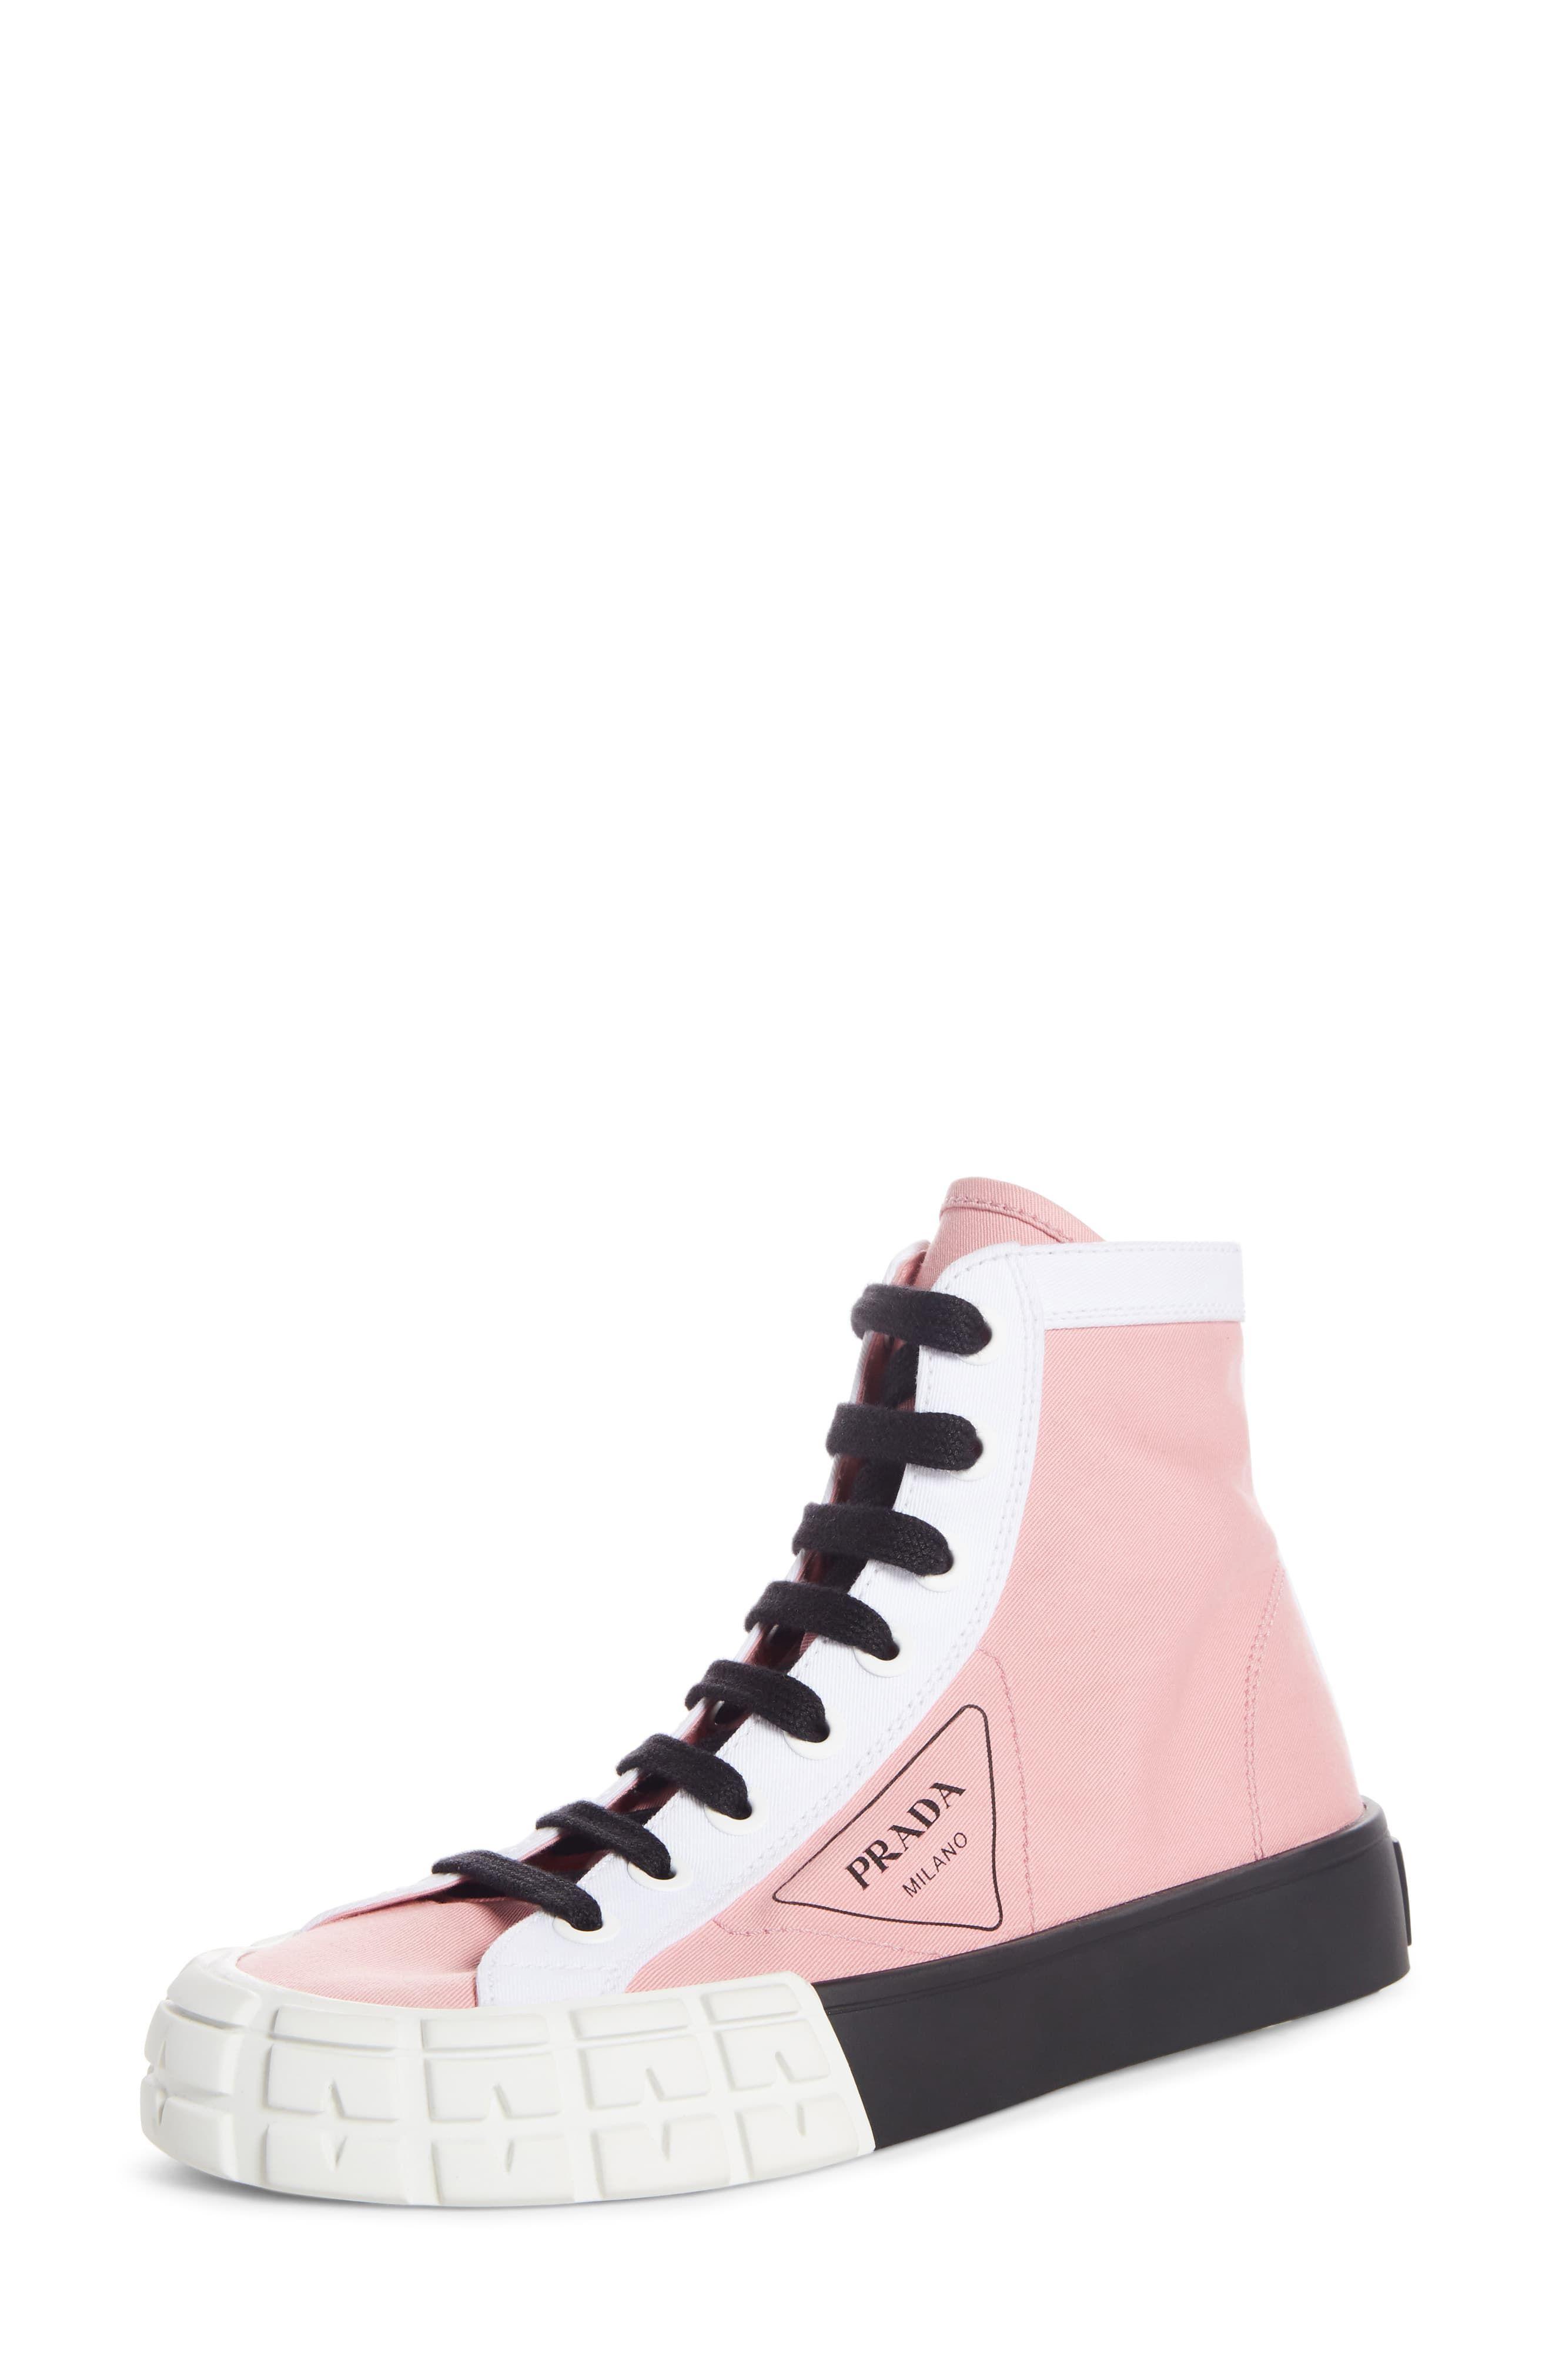 Prada Logo High Top Sneaker (Women